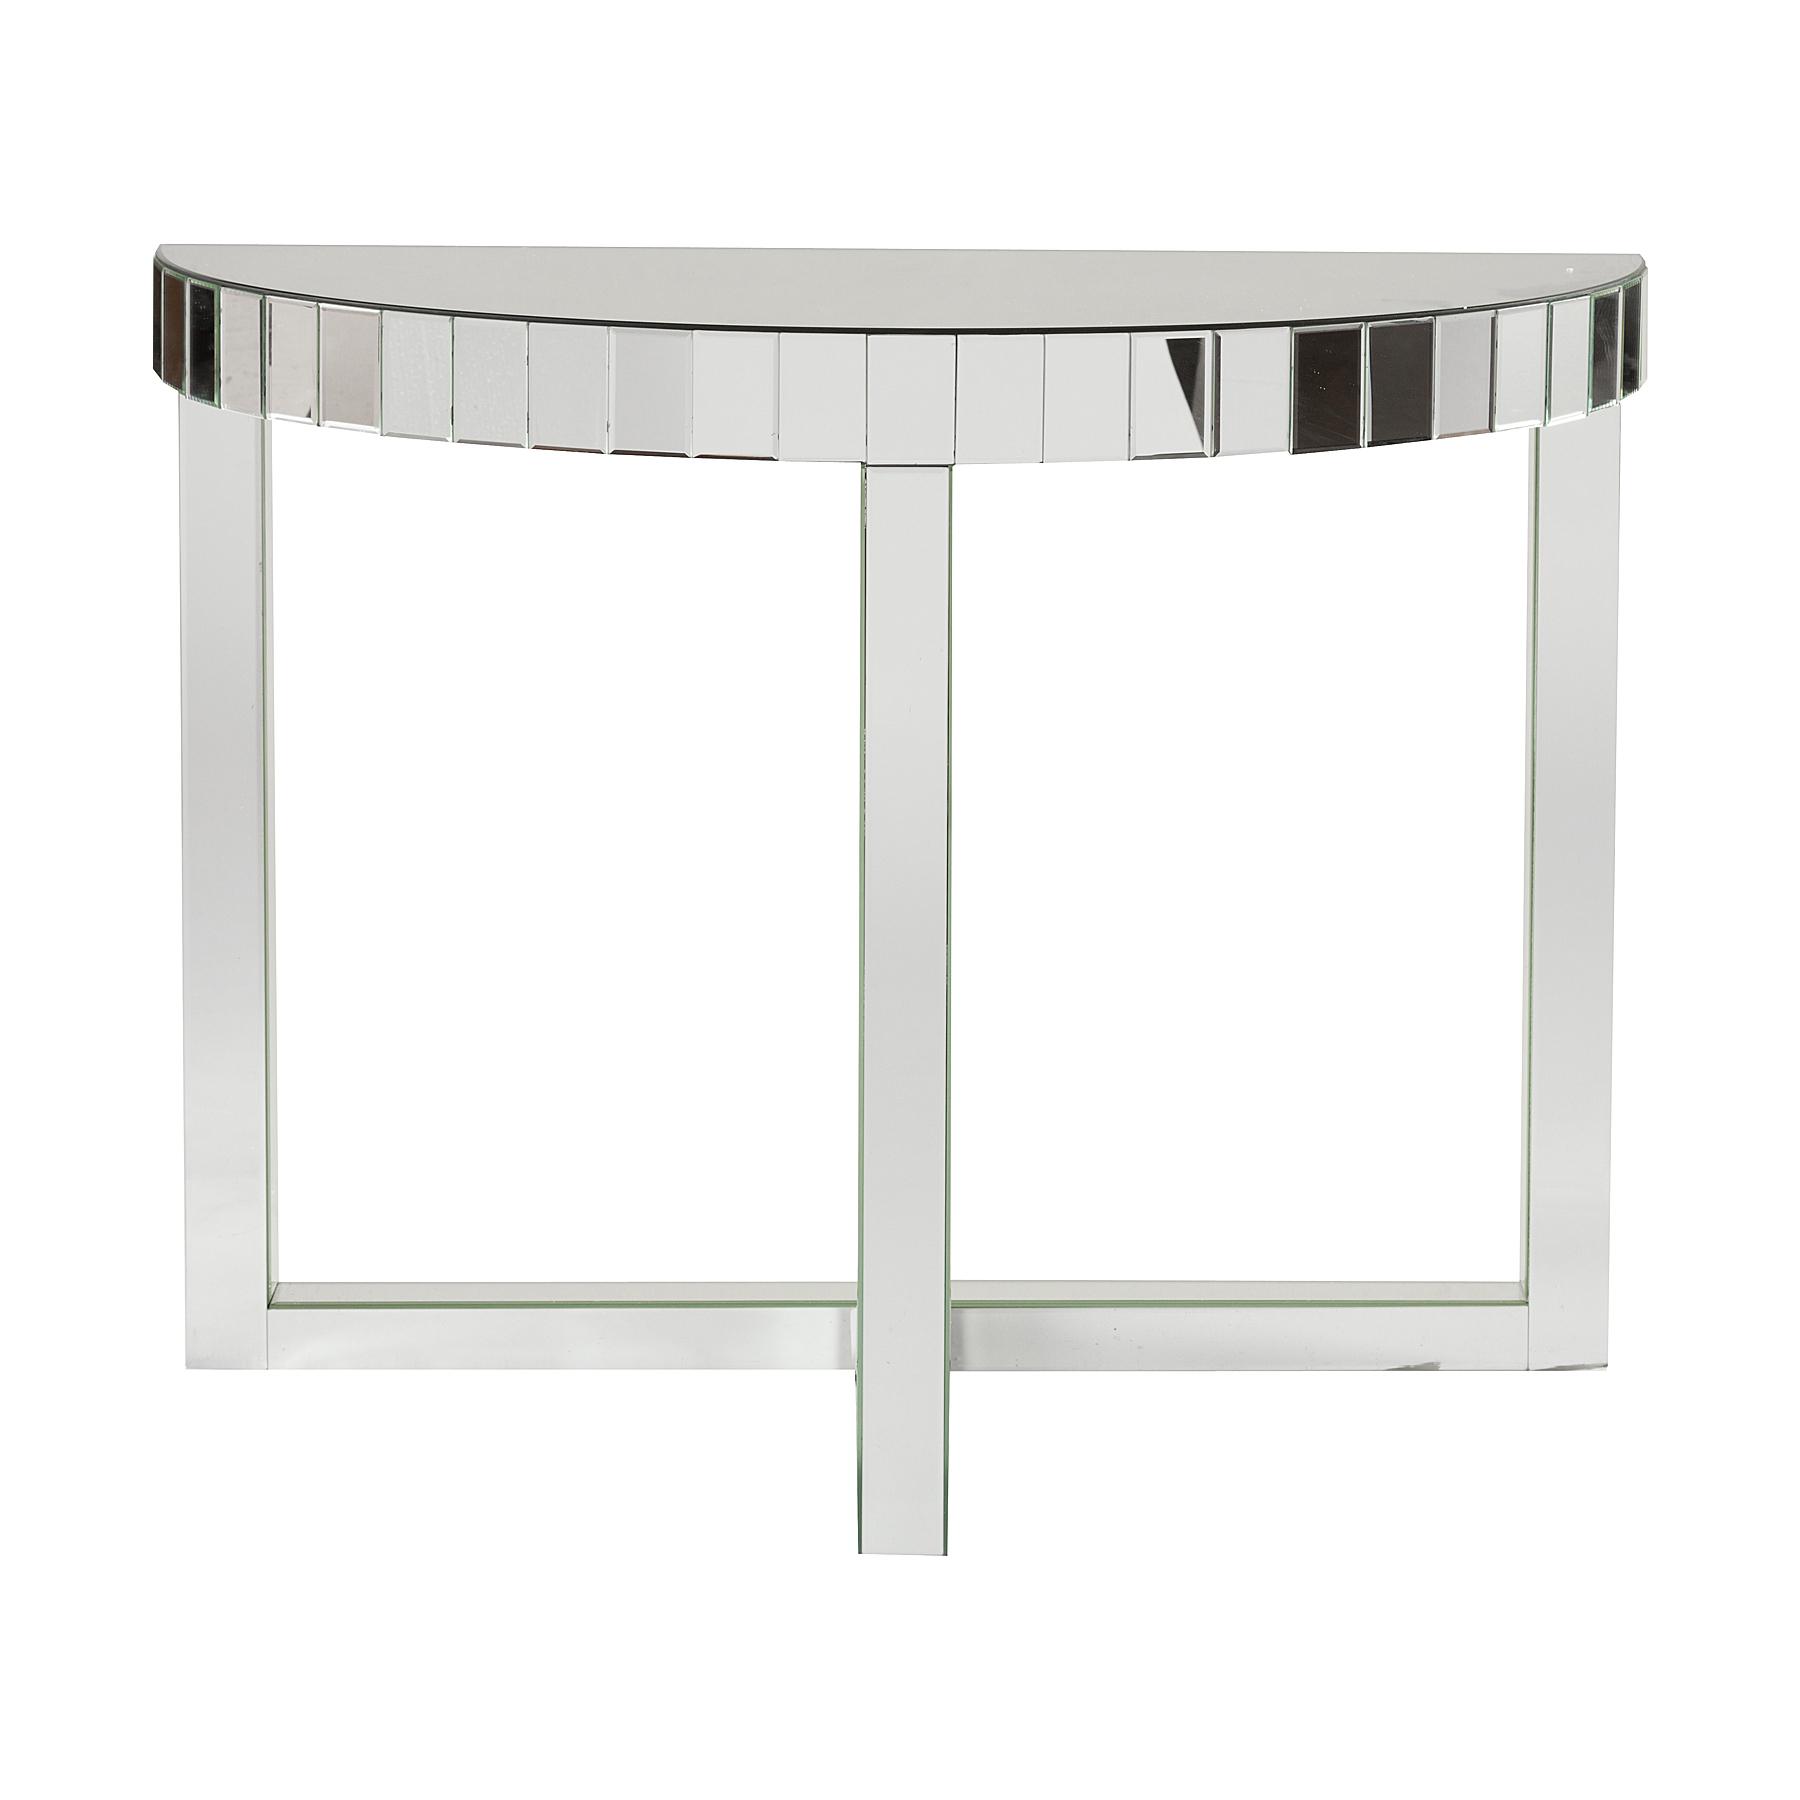 Зеркальный консольный столик VienneИнтерьерные консоли<br><br><br>Material: Стекло<br>Width см: 101<br>Depth см: 40,5<br>Height см: 80,5